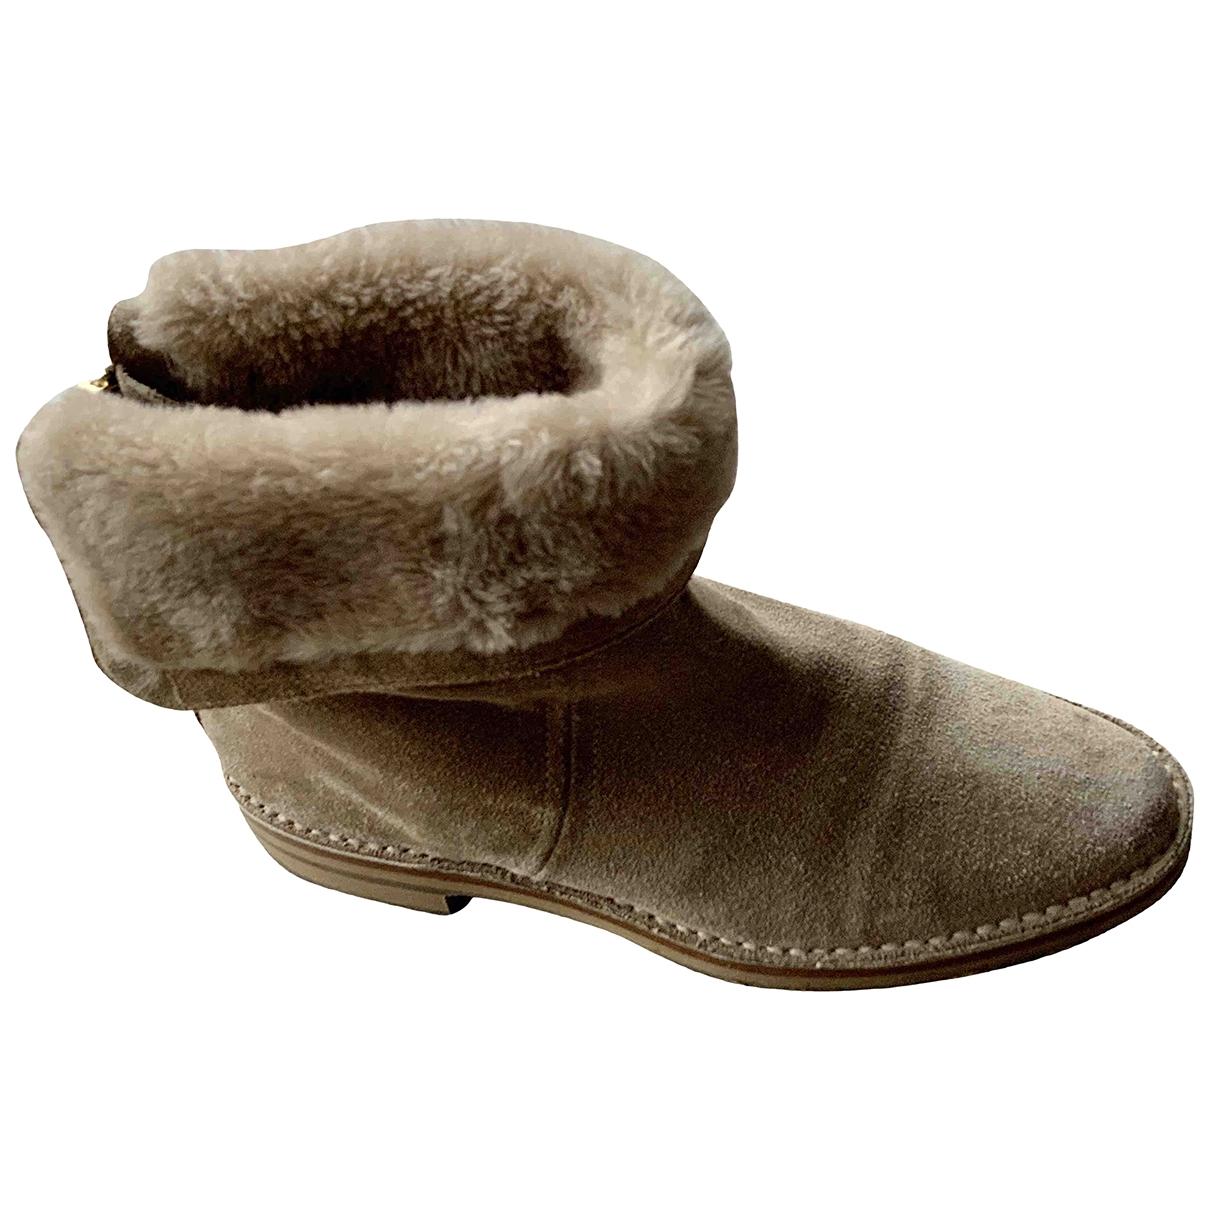 Jimmy Choo \N Beige Suede Ankle boots for Women 38 EU